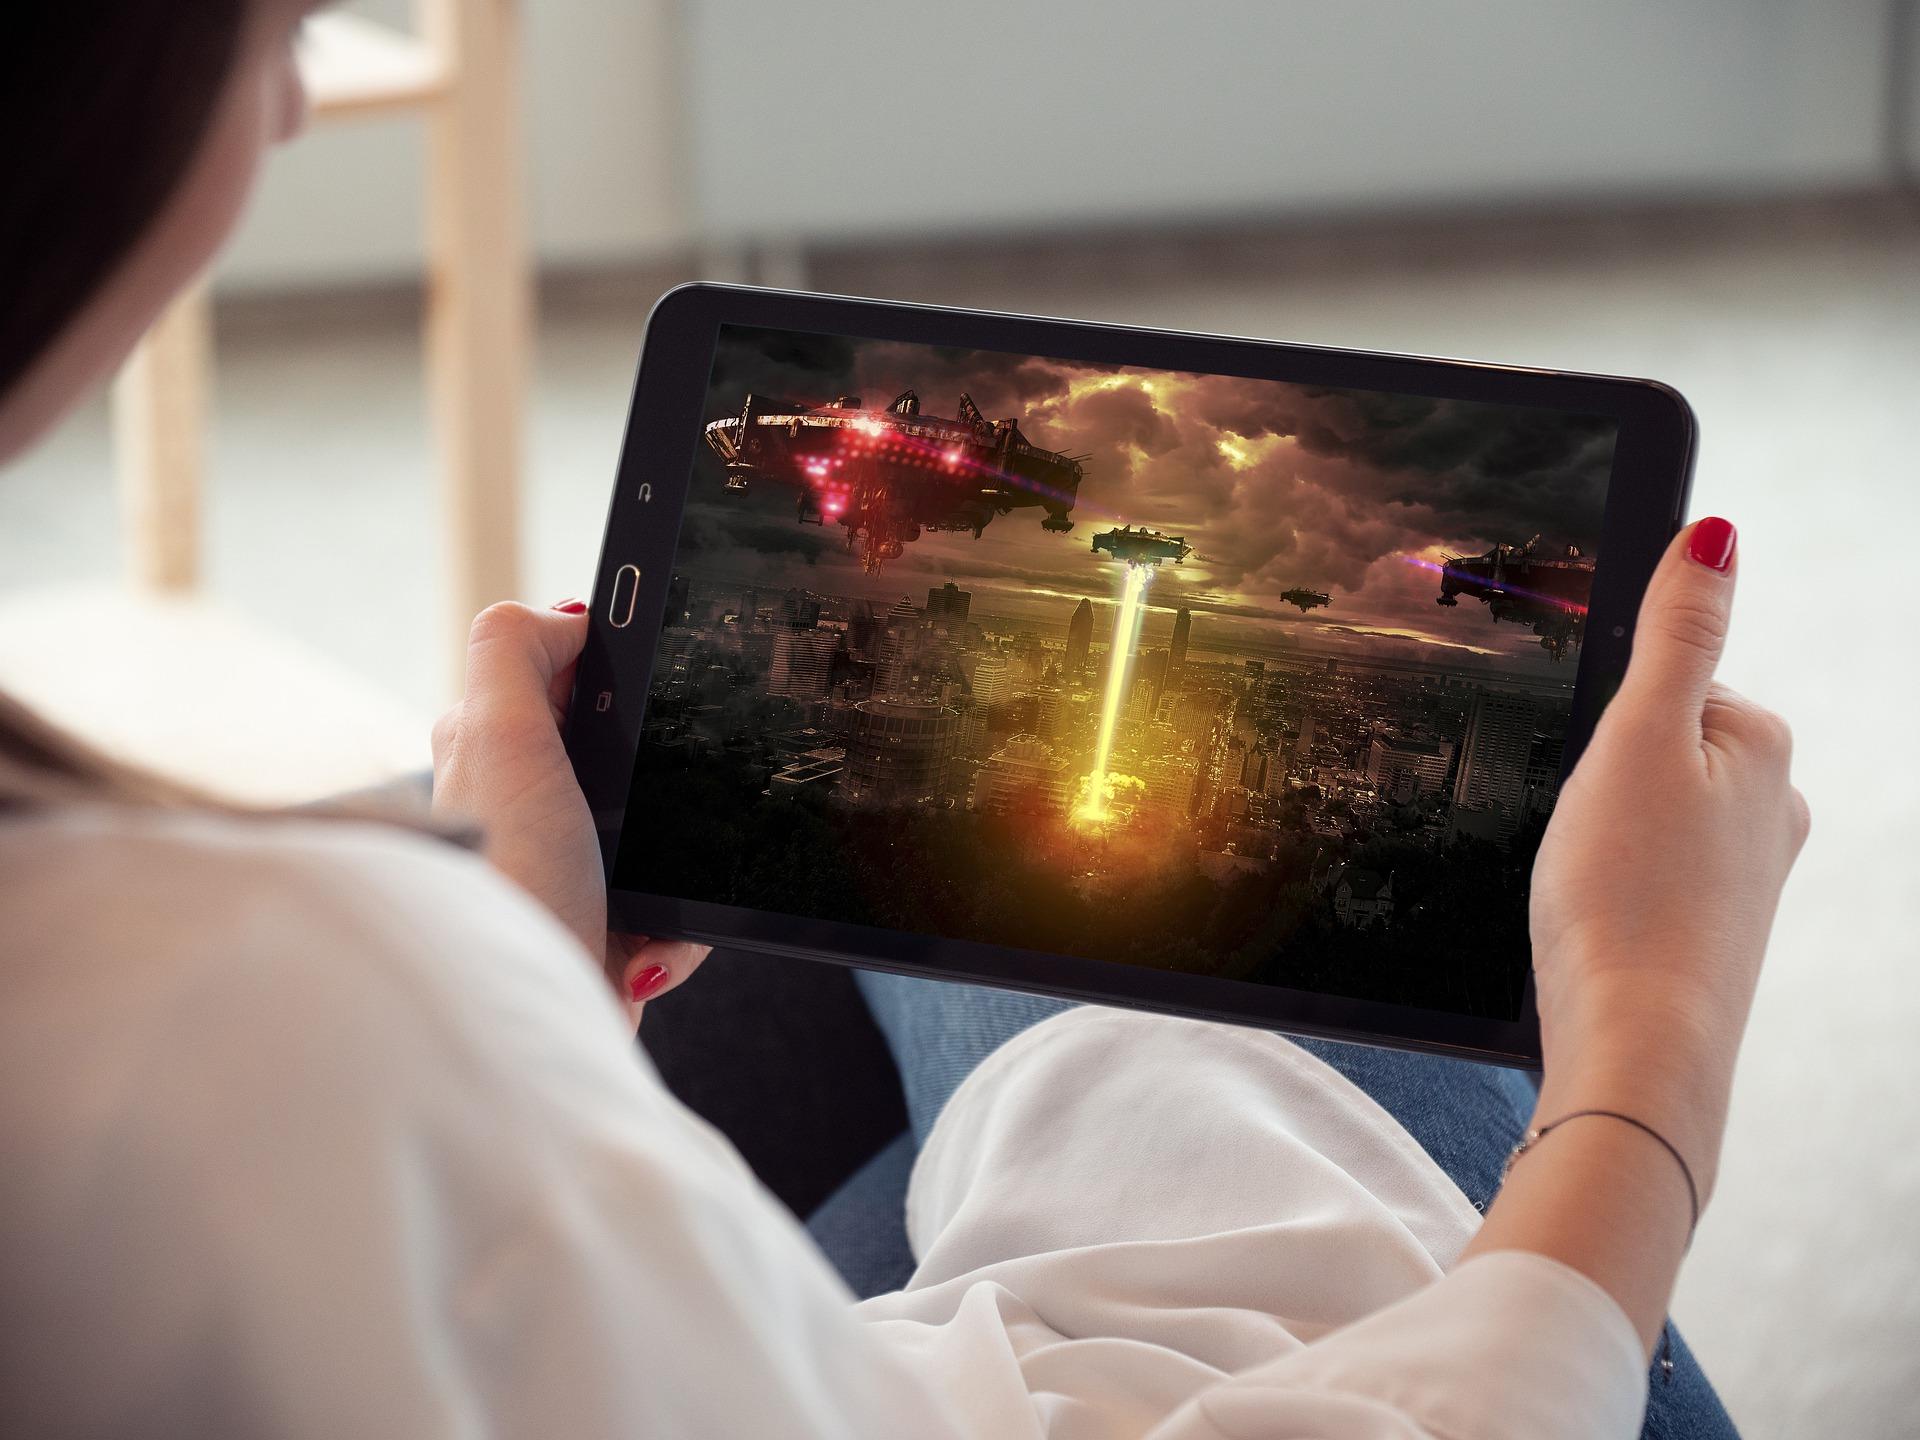 Les 3 meilleures applications pour regarder des séries sur votre mobile